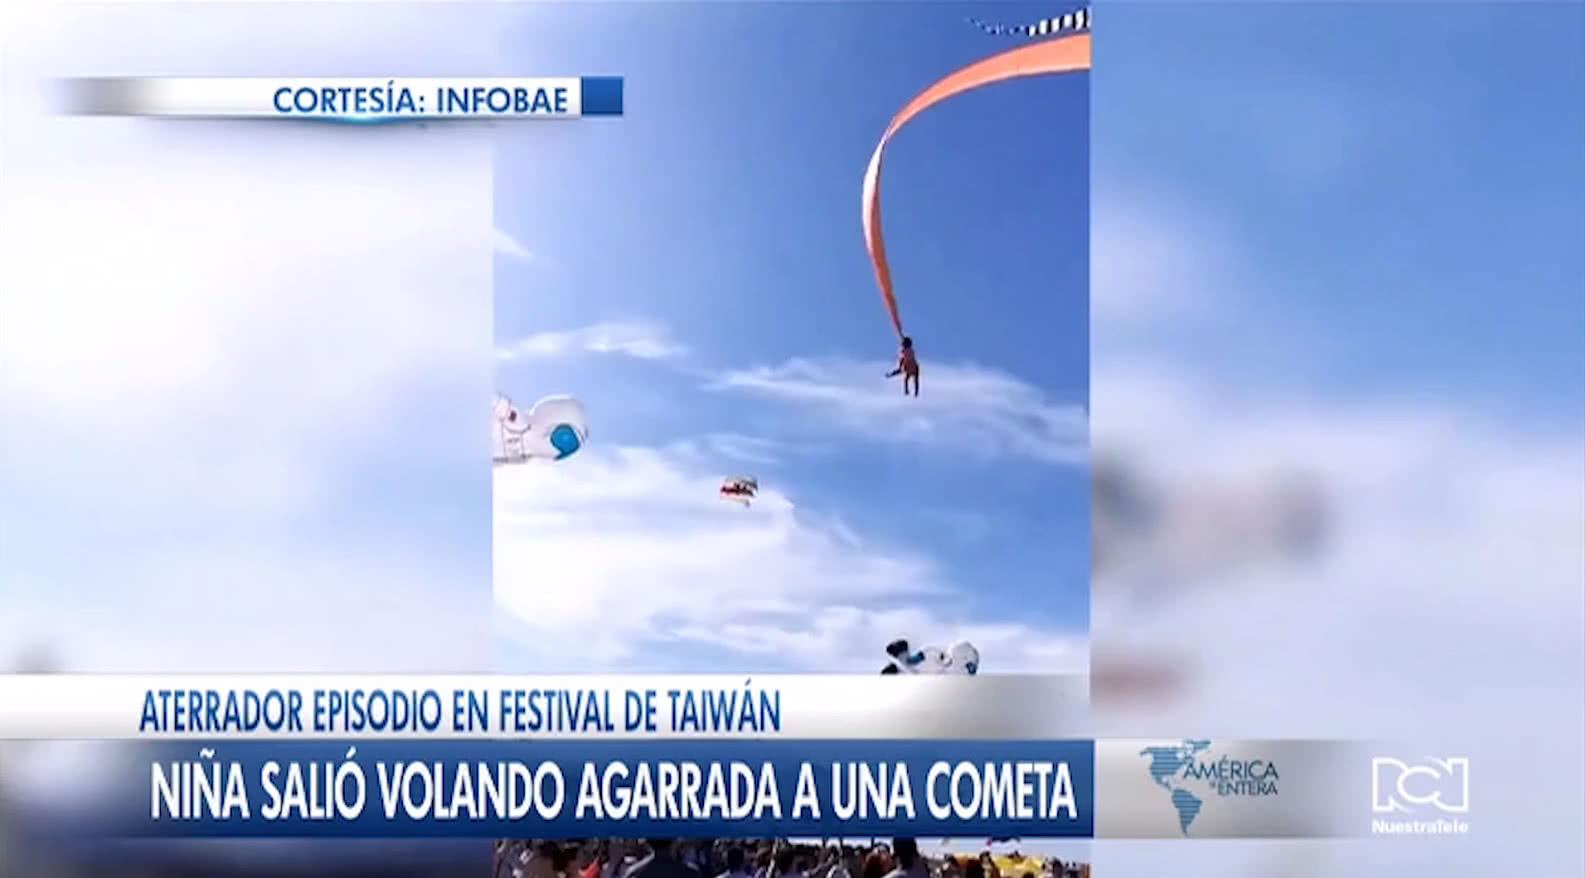 Niña voló por los aires tras quedar enredada en una cometa durante un festival en Taiwán